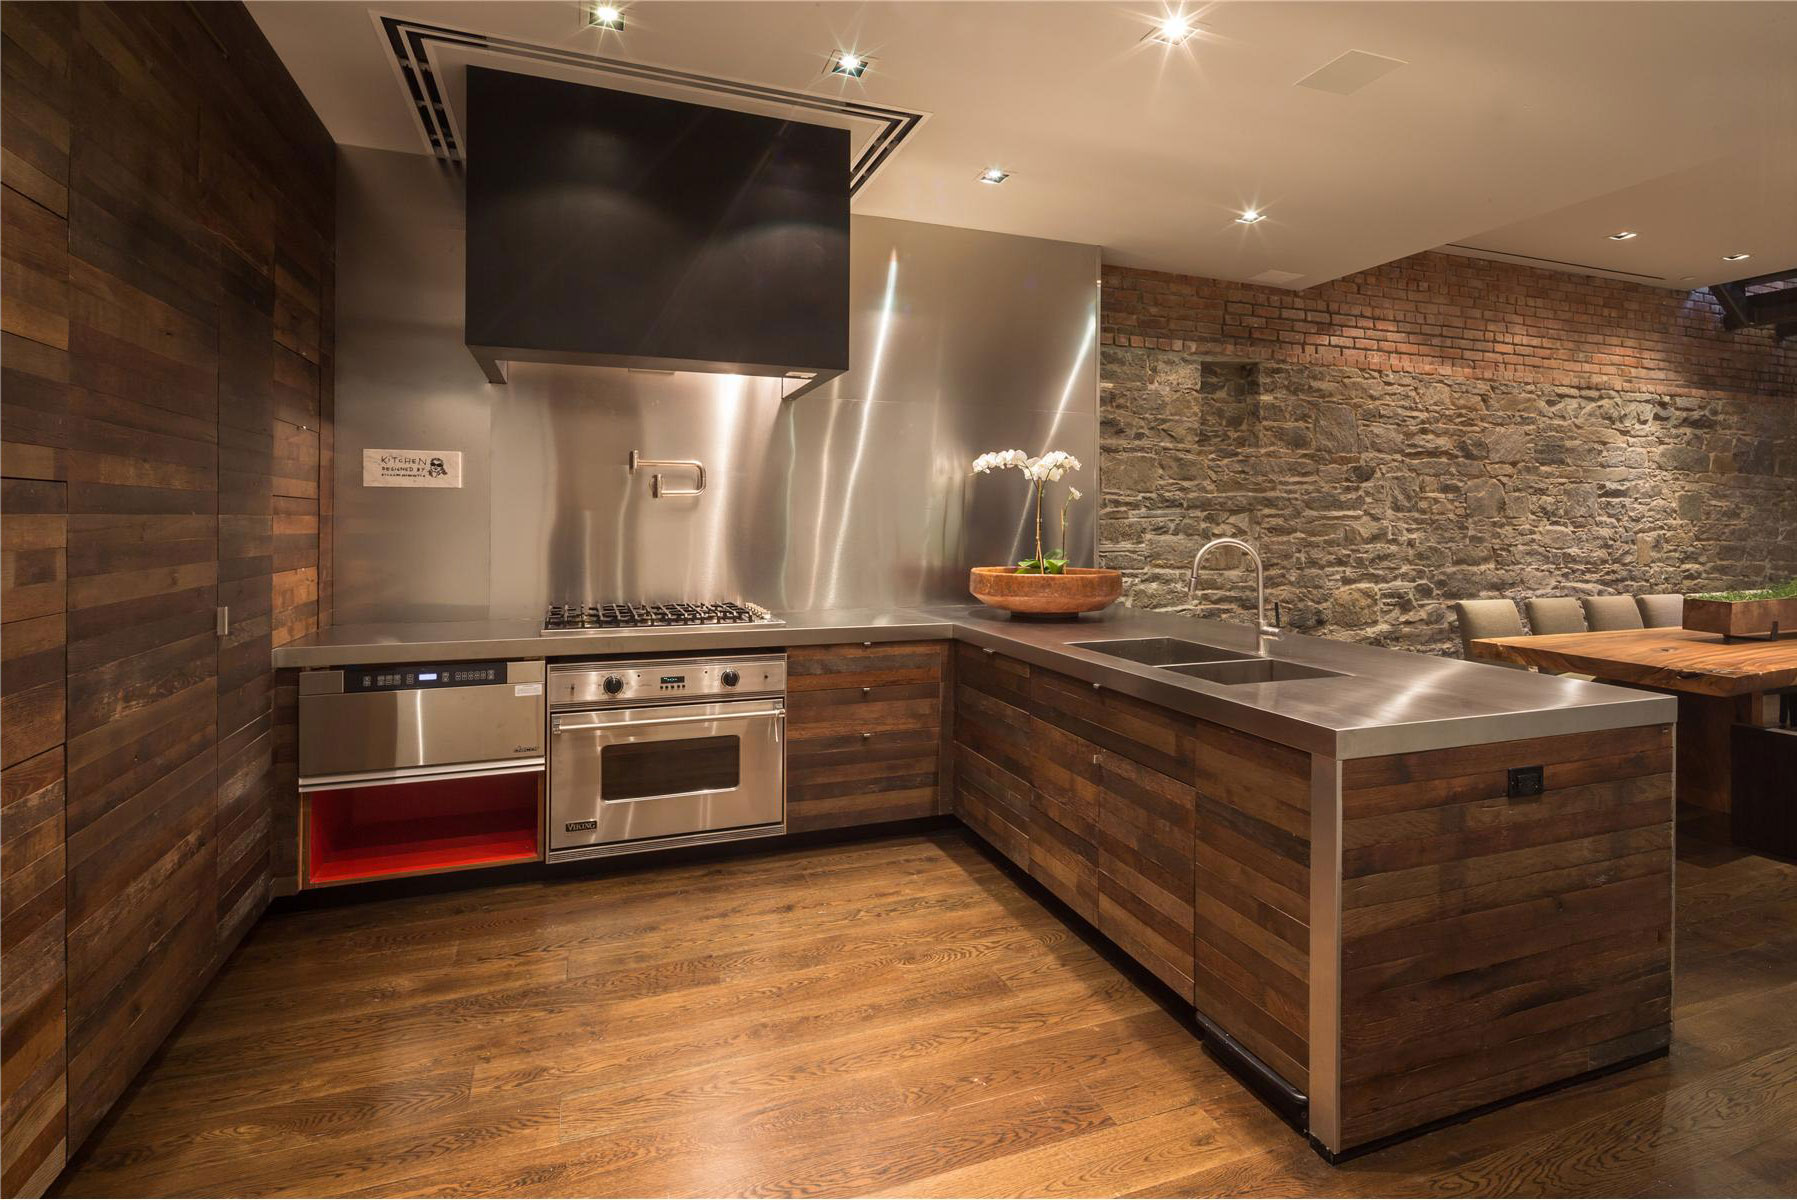 Панели для кухни из досок